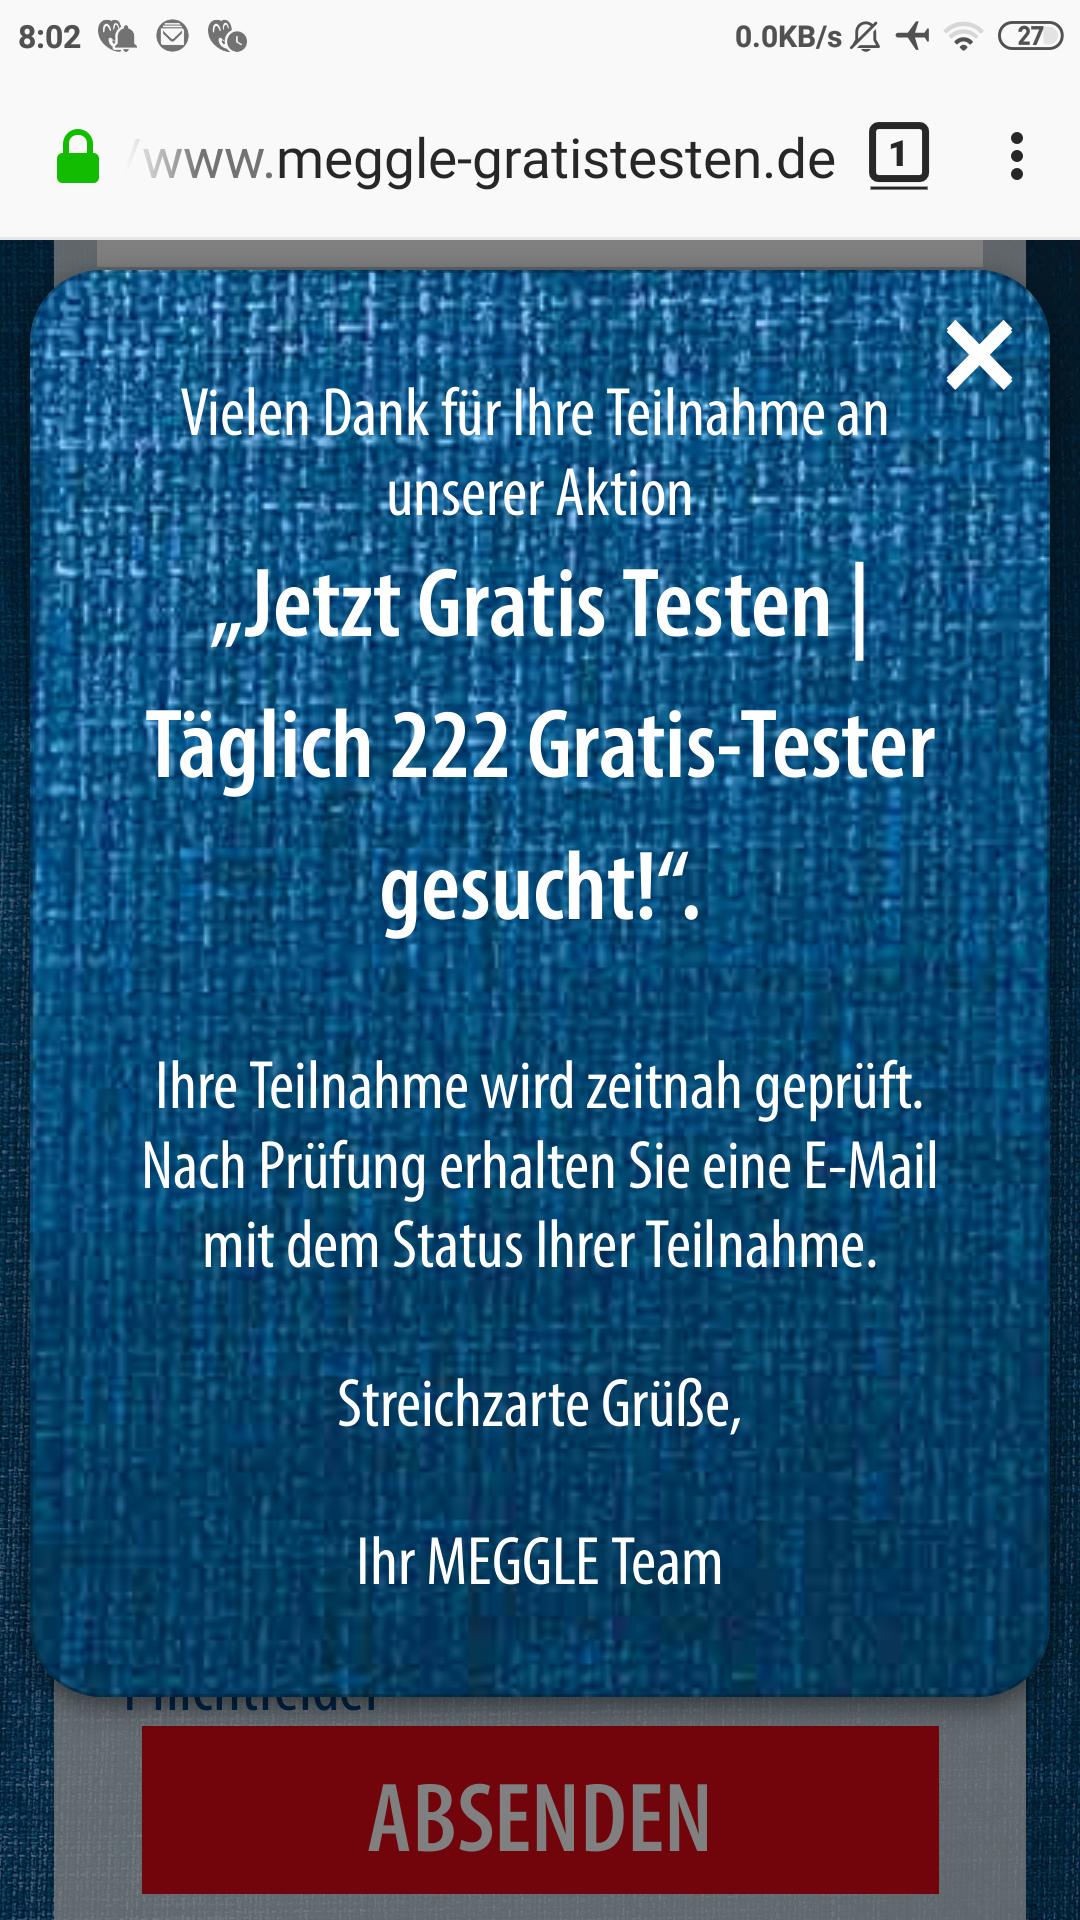 21329247-9LYwz.jpg